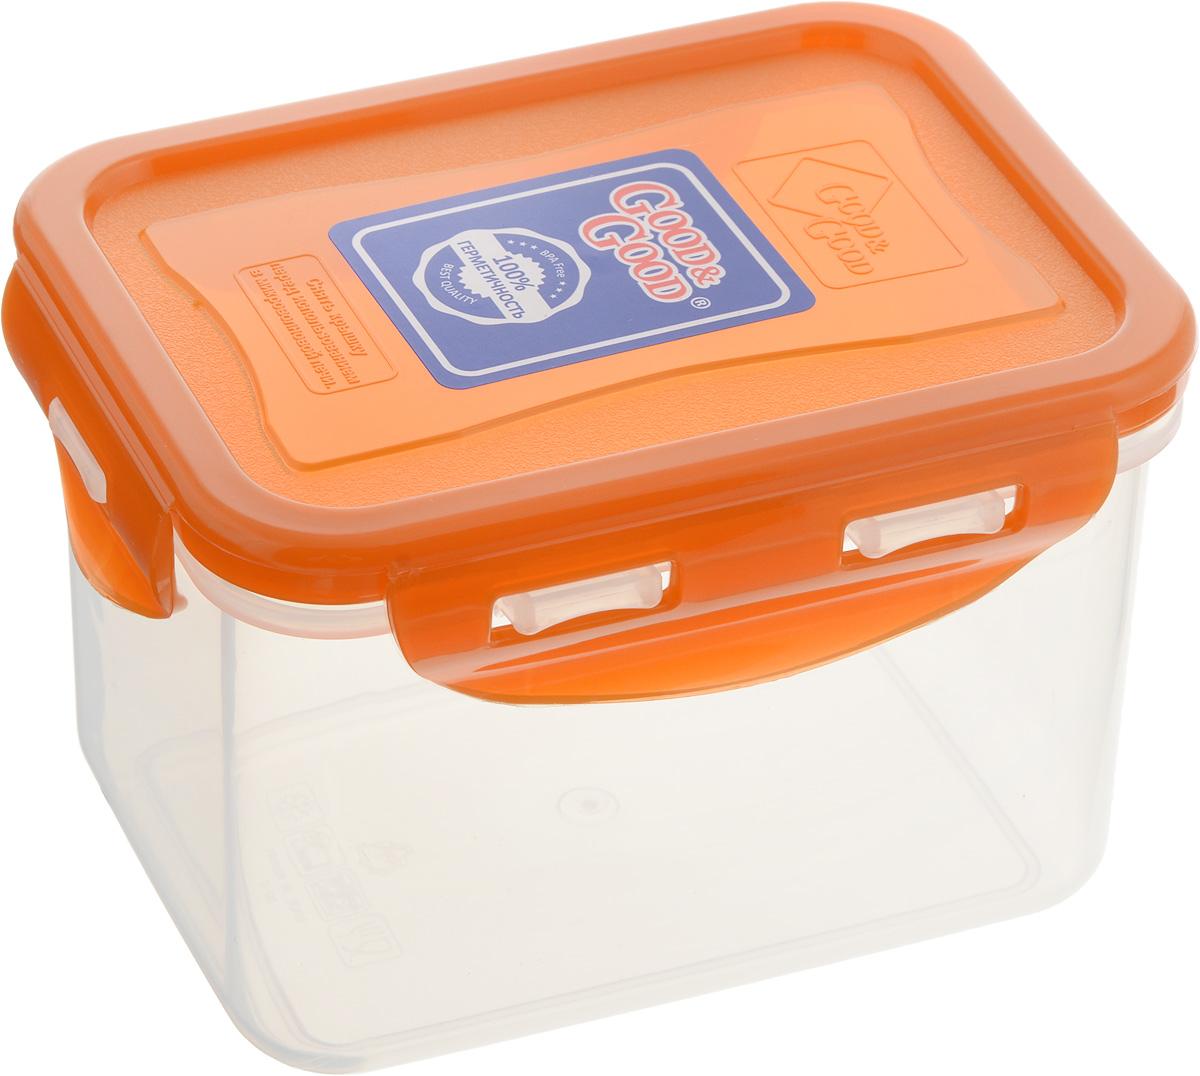 Контейнер пищевой Good&Good, цвет: прозрачный, оранжевый, 630 млВетерок-2 У_6 поддоновПрямоугольный контейнер Good&Good изготовлен из высококачественного полипропилена и предназначен для хранения любых пищевых продуктов. Благодаря особым технологиям изготовления, лотки в течение времени службы не меняют цвет и не пропитываются запахами. Крышка с силиконовой вставкой герметично защелкивается специальным механизмом. Контейнер Good&Good удобен для ежедневного использования в быту.Можно мыть в посудомоечной машине и использовать в микроволновой печи.Размер контейнера (с учетом крышки): 13 х 10 х 8,5 см.